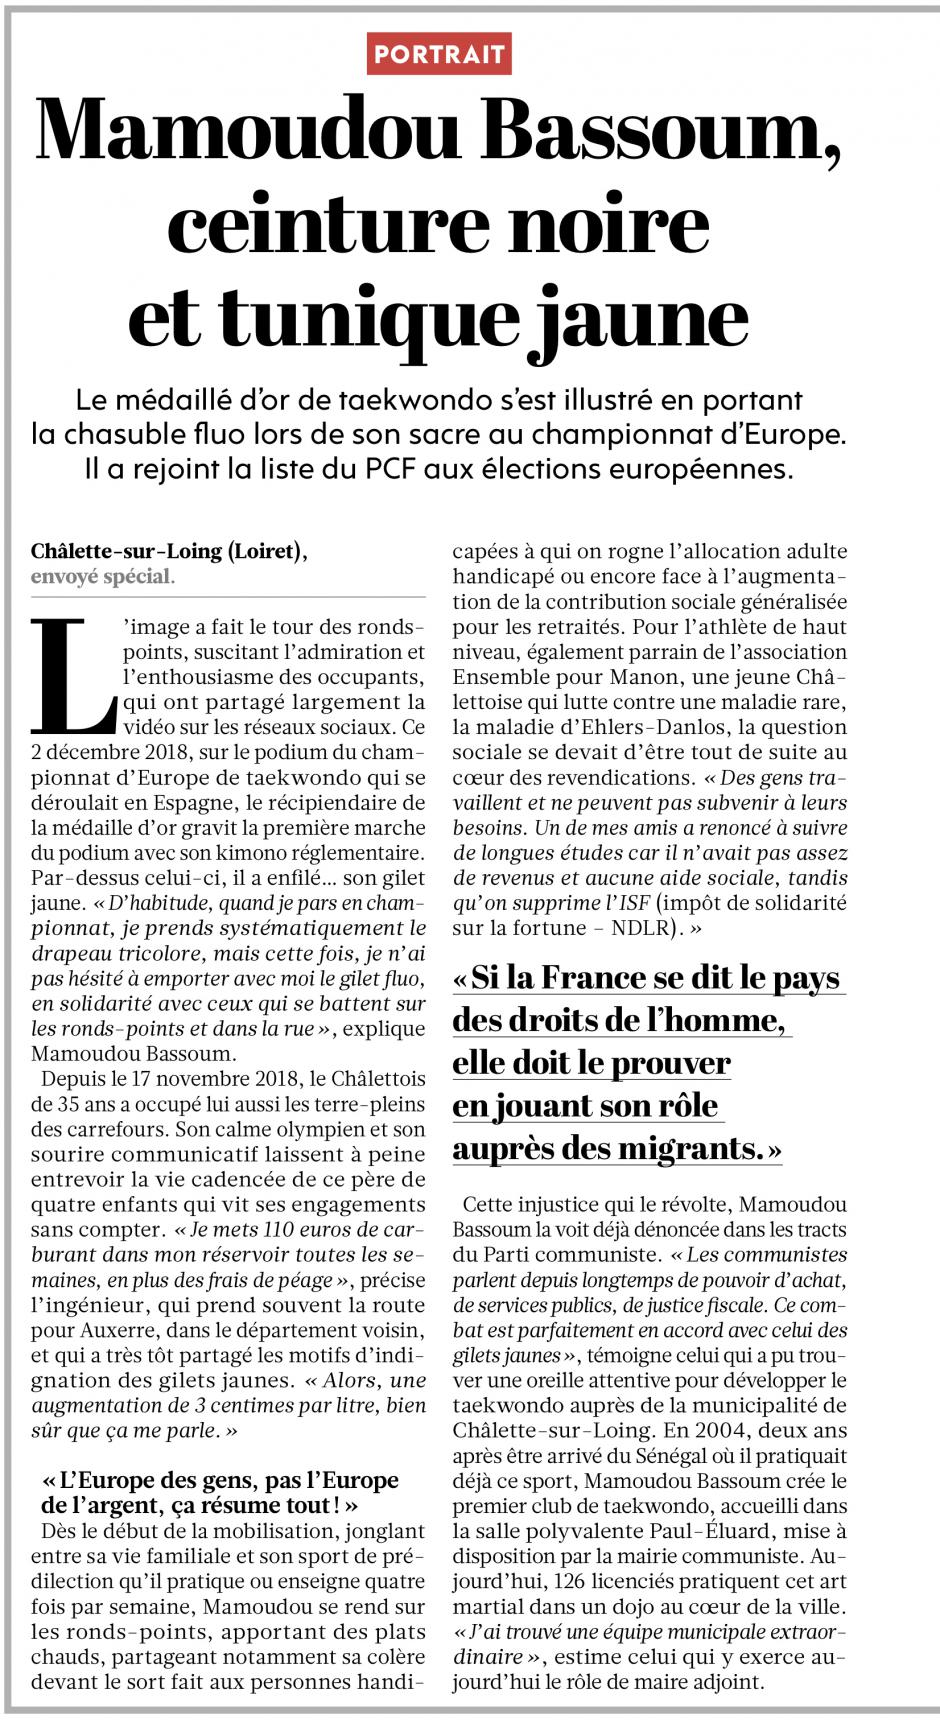 20190219-L'Huma-France-Mamoudou Bassoum, ceinture noire et tunique jaune